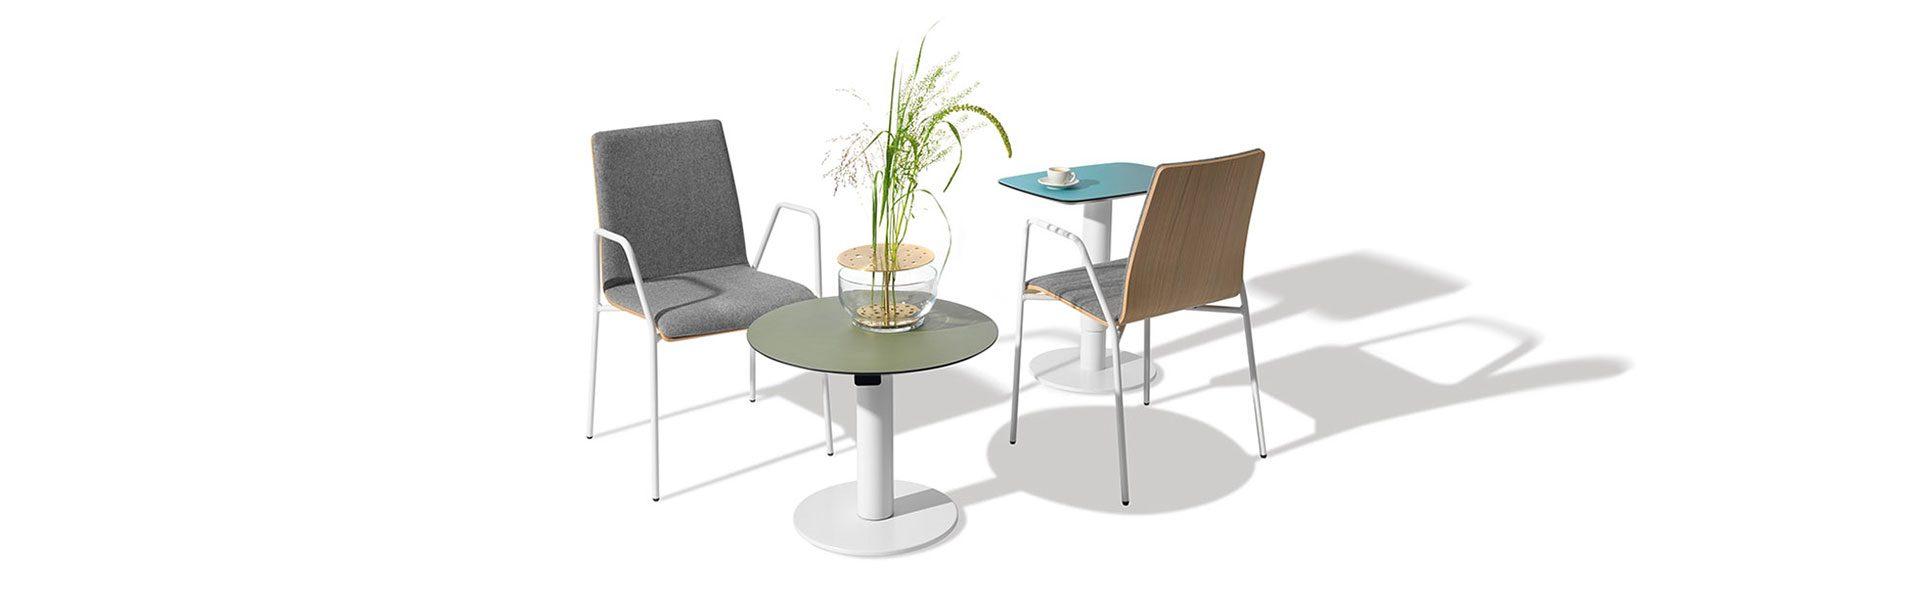 malschersitzmoebel-stuhl-classic-3352-und-tisch-225